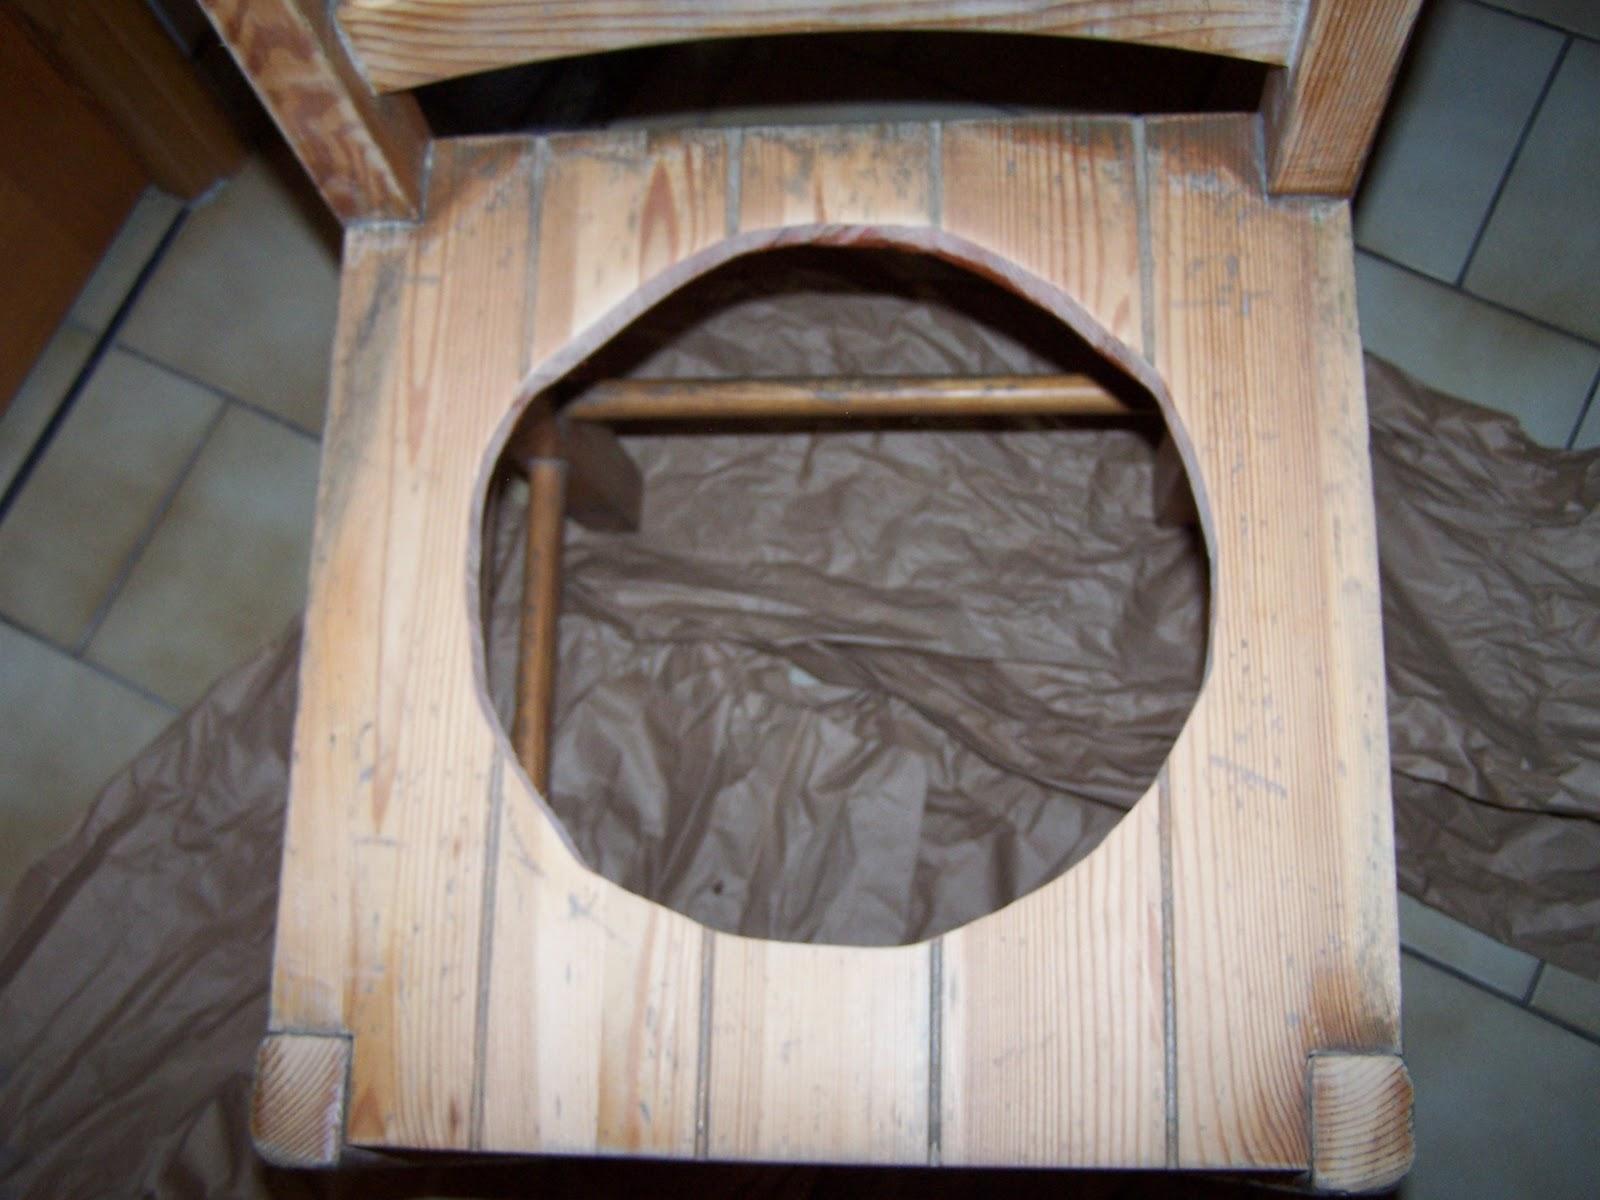 Jai recouvert la chaise dune couche de peinture à locre faite maison et là catastrophe la peinture a fait se soulever les fibres du bois qui nest pas